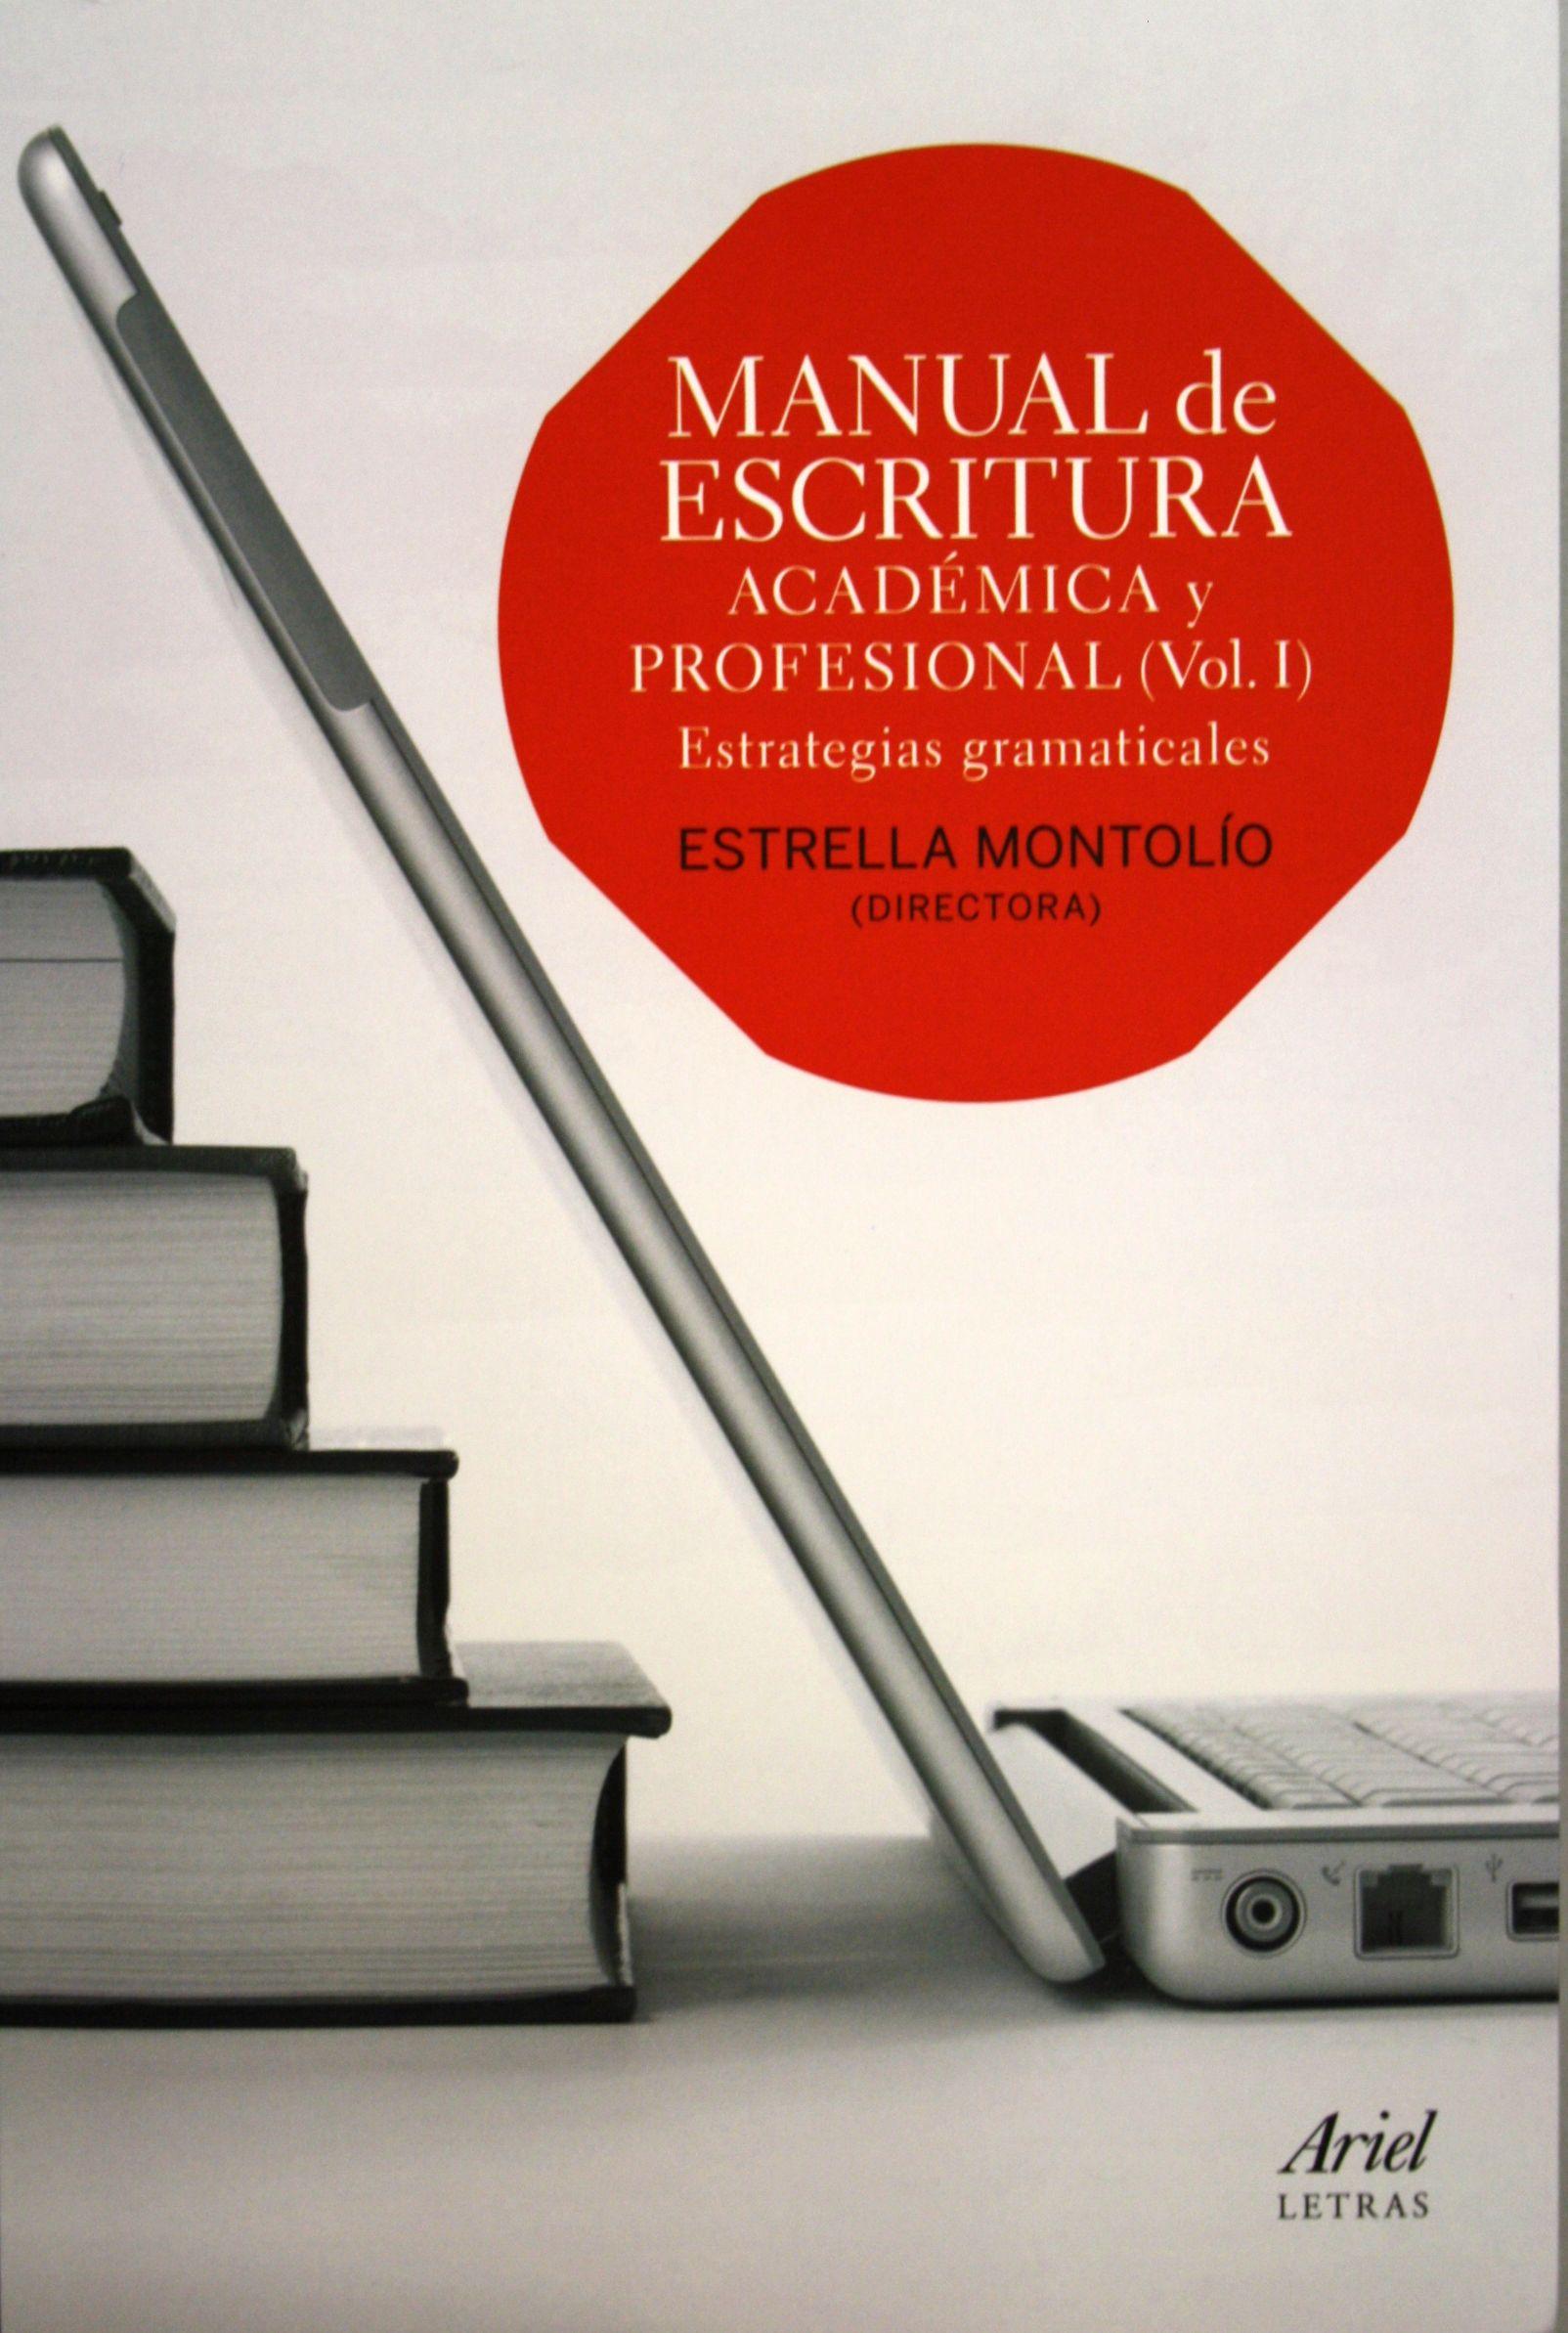 manual practico de escritura academica estrella montolio pdf